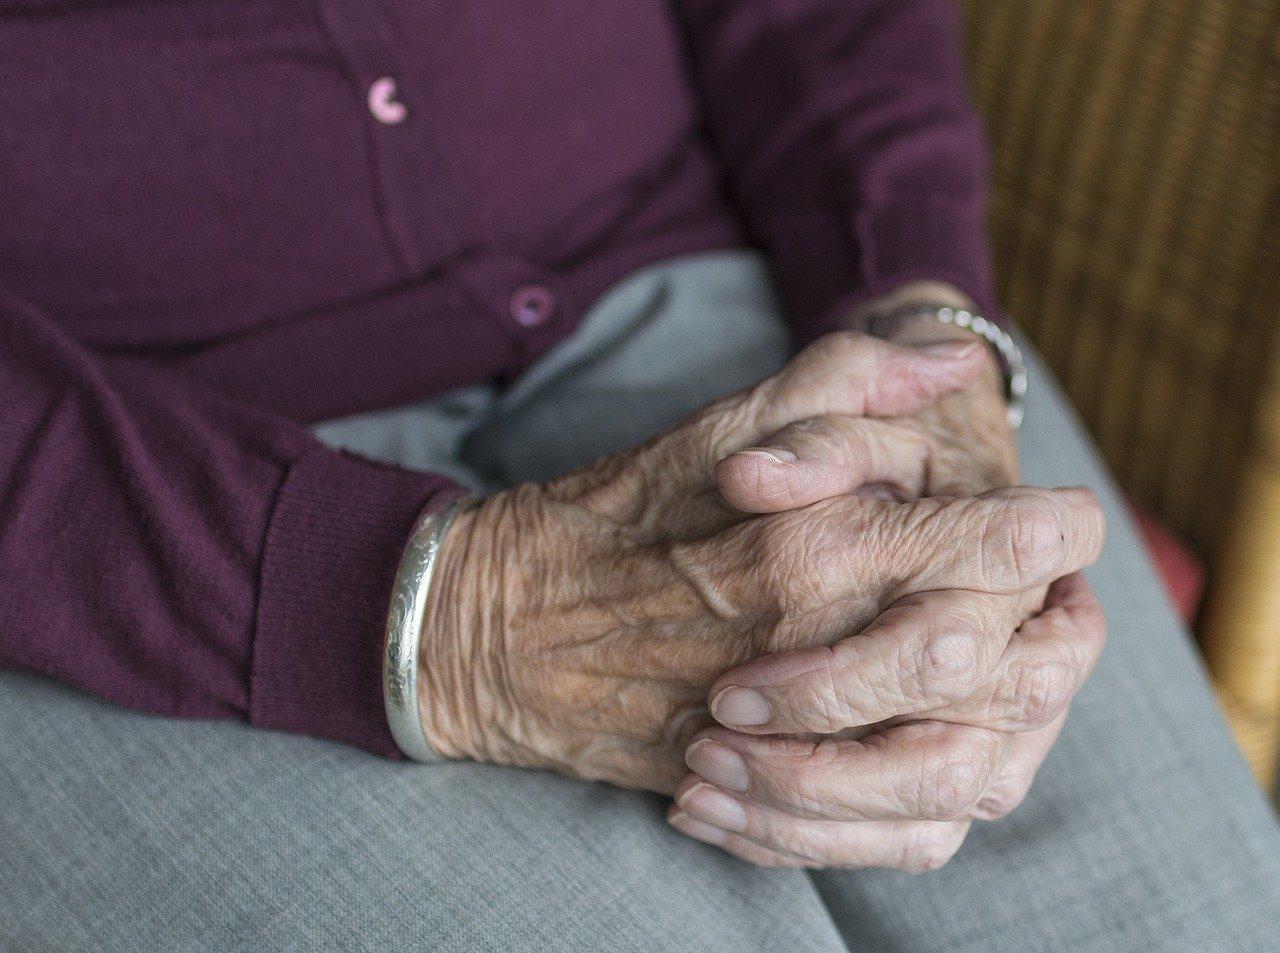 Прокуратура Карелии проверит пансионат для пожилых после вспышки коронавируса